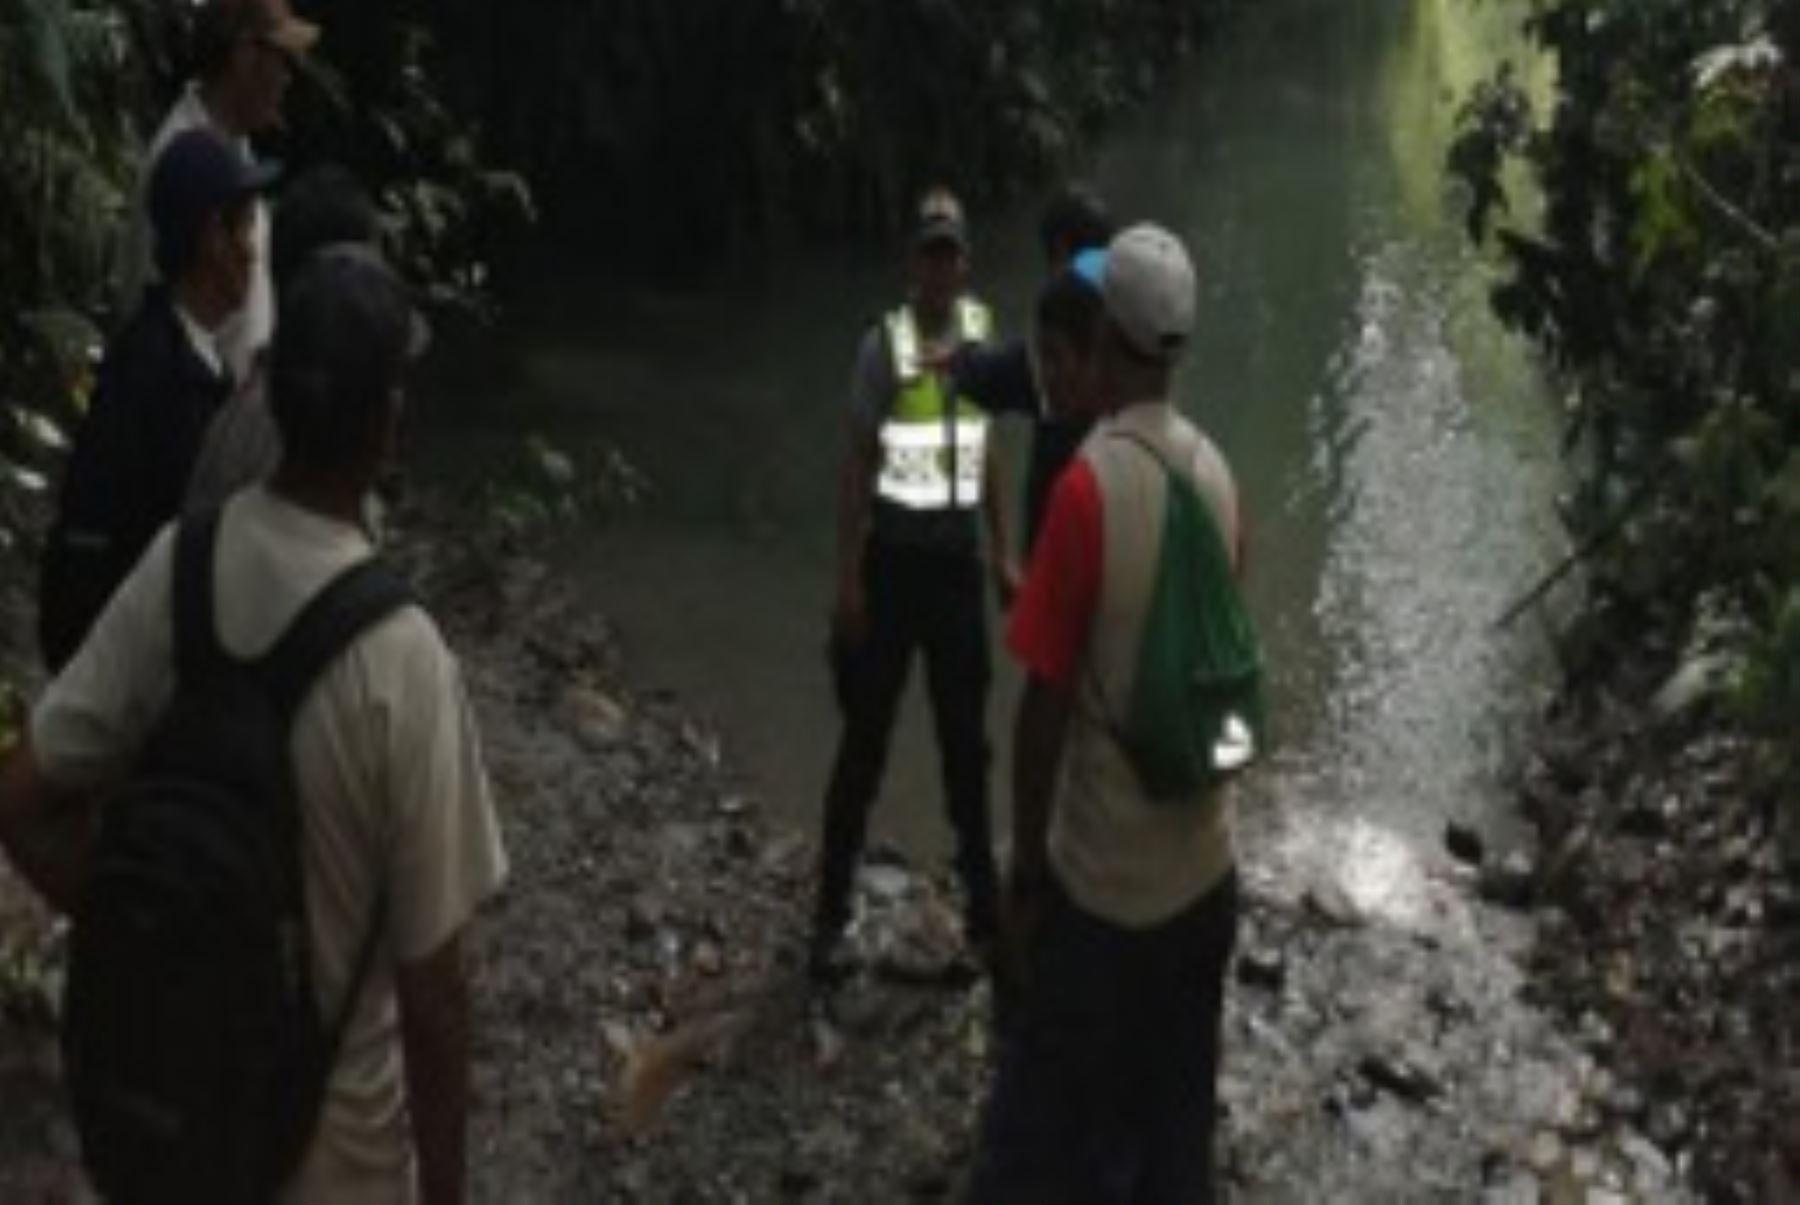 Una embarcación que se dirigía al sector de Puerto Manoa, en Ayapata (Puno), naufragó en el río Inambari.